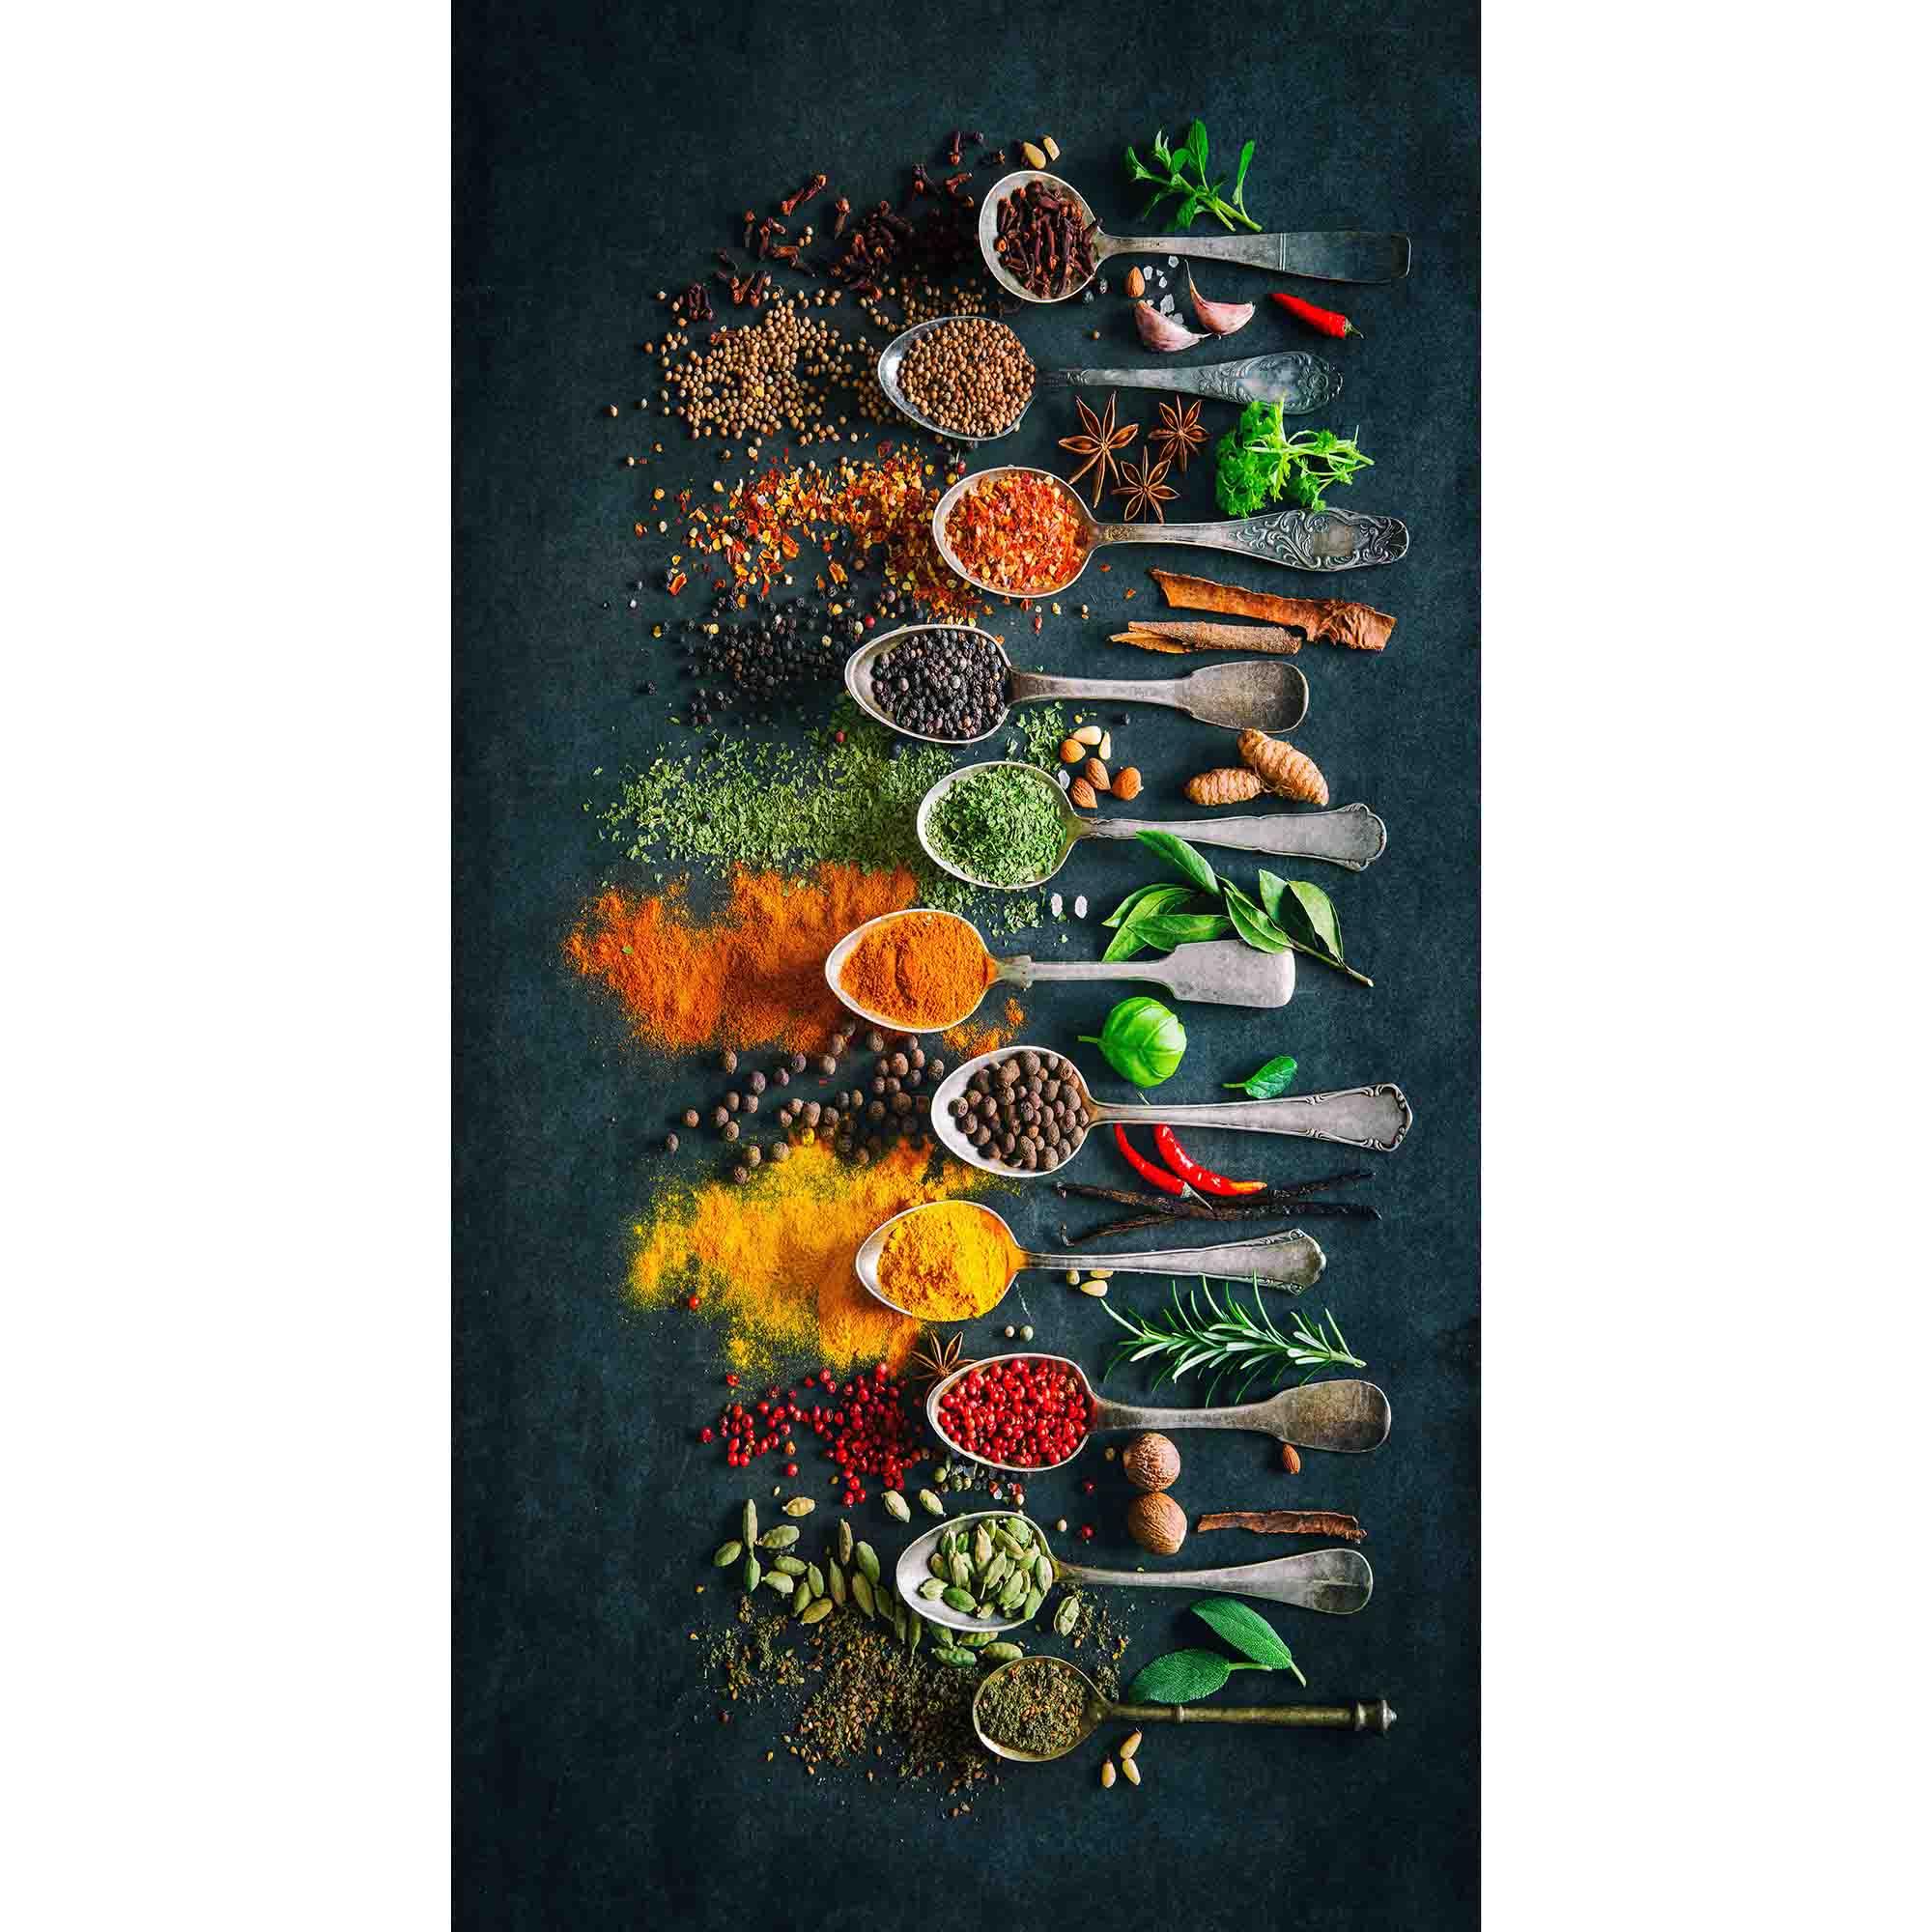 Fotografie Covor cu print digital bucatarie Kring Banyo, 80x150 cm, 60% bumbac + 40% poliester, Albastru inchis